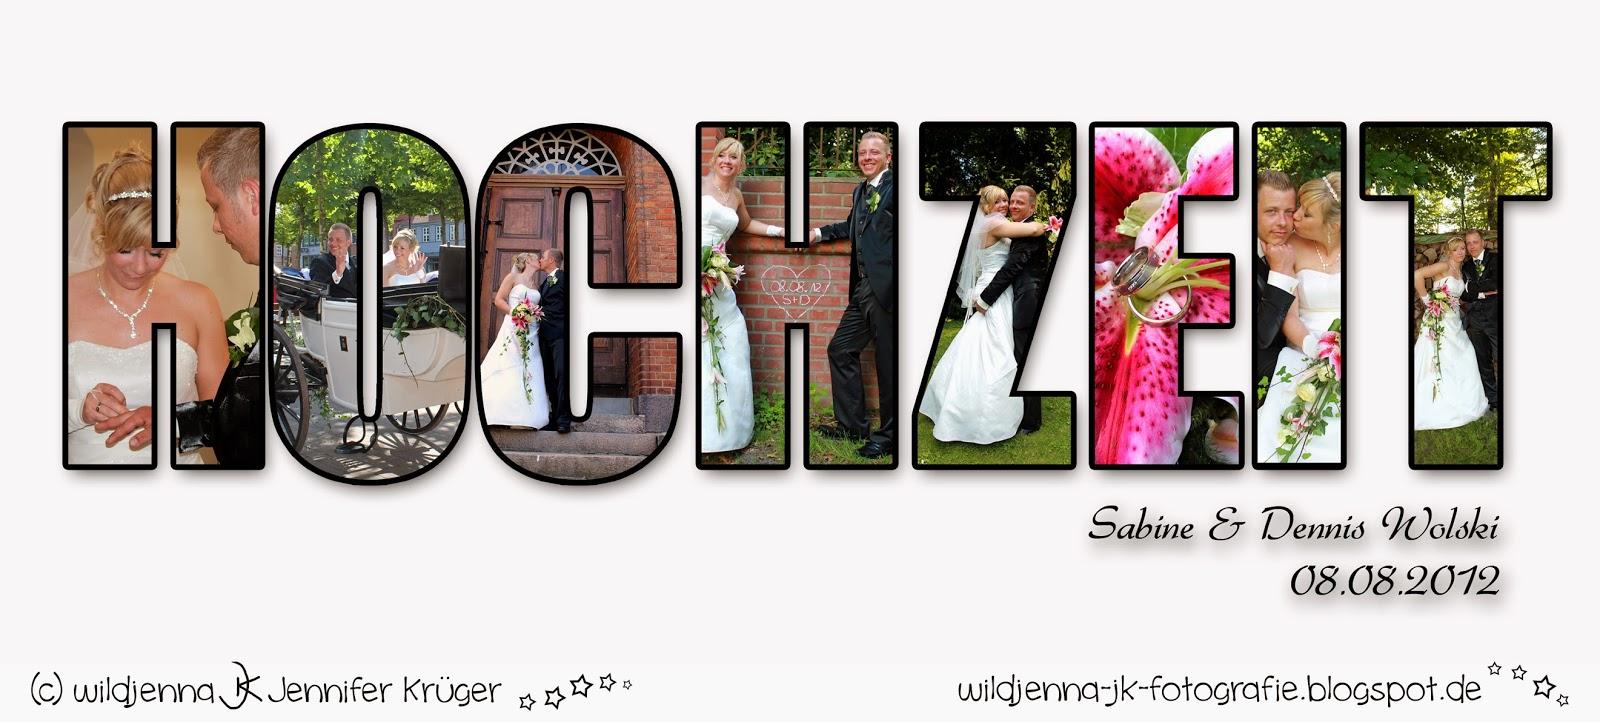 Charmant Hochzeit Collage Rahmen Ideen - Benutzerdefinierte ...